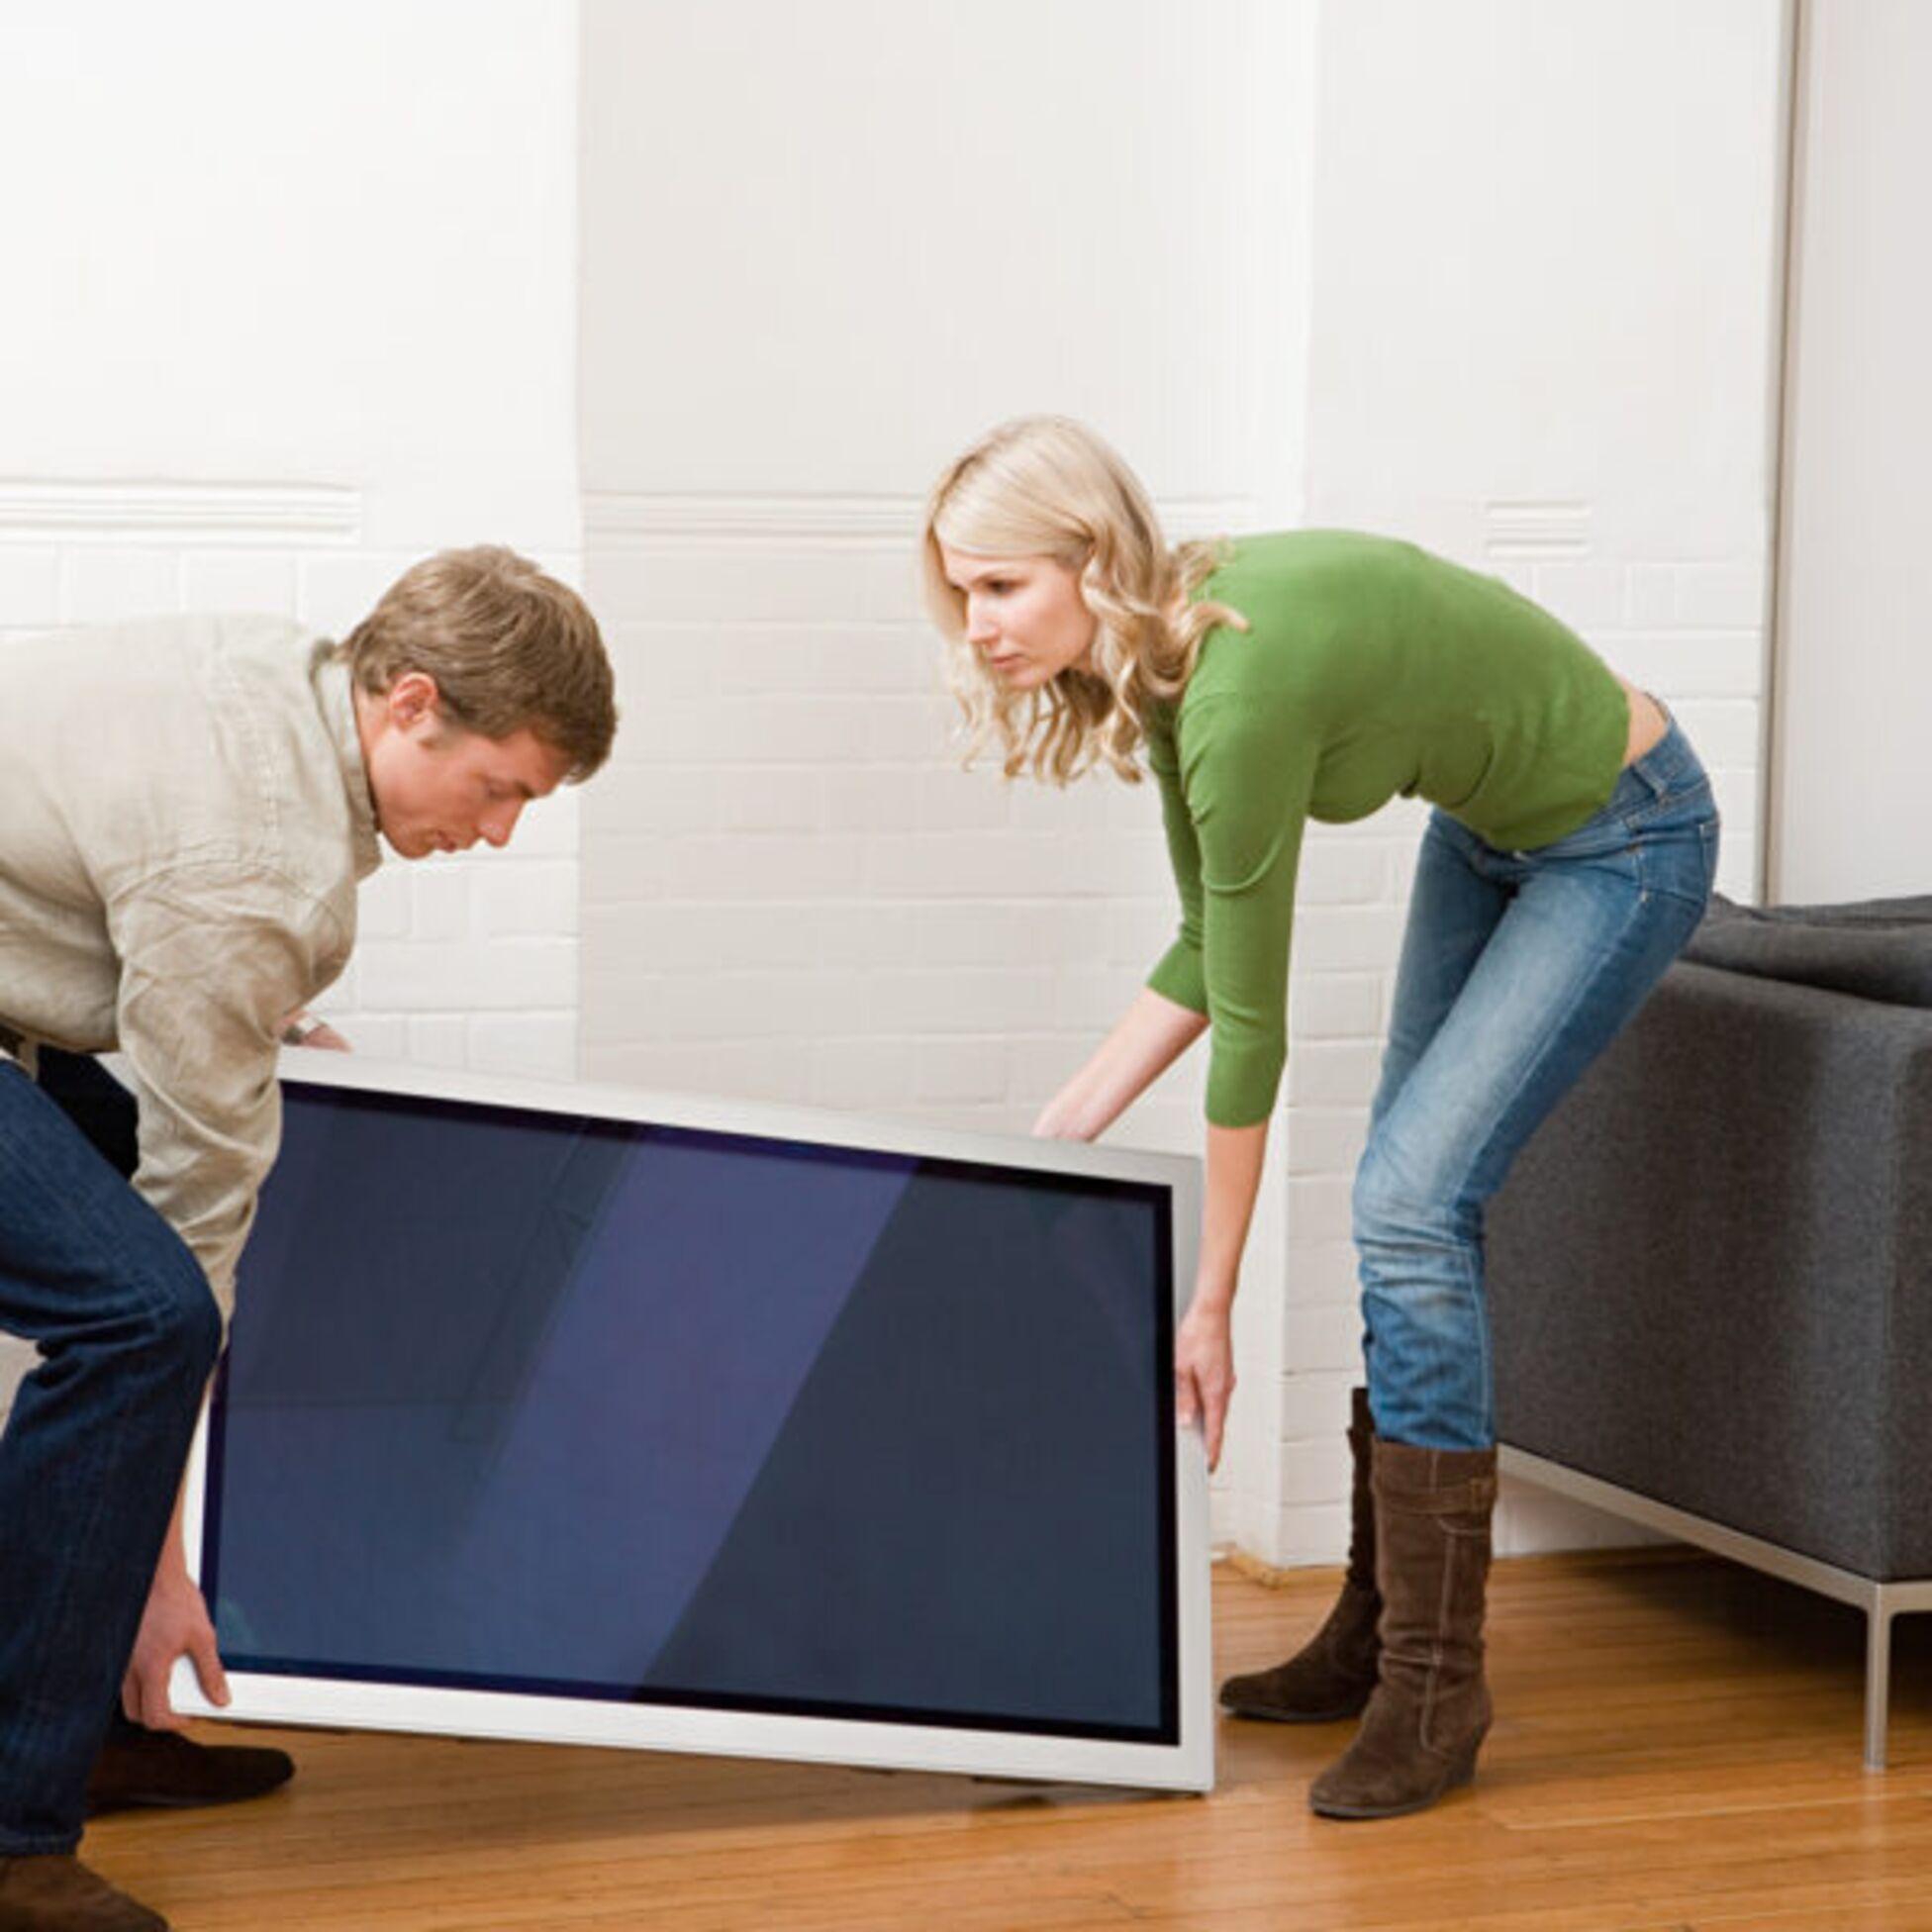 Mann und Frau tragen einen Fernseher